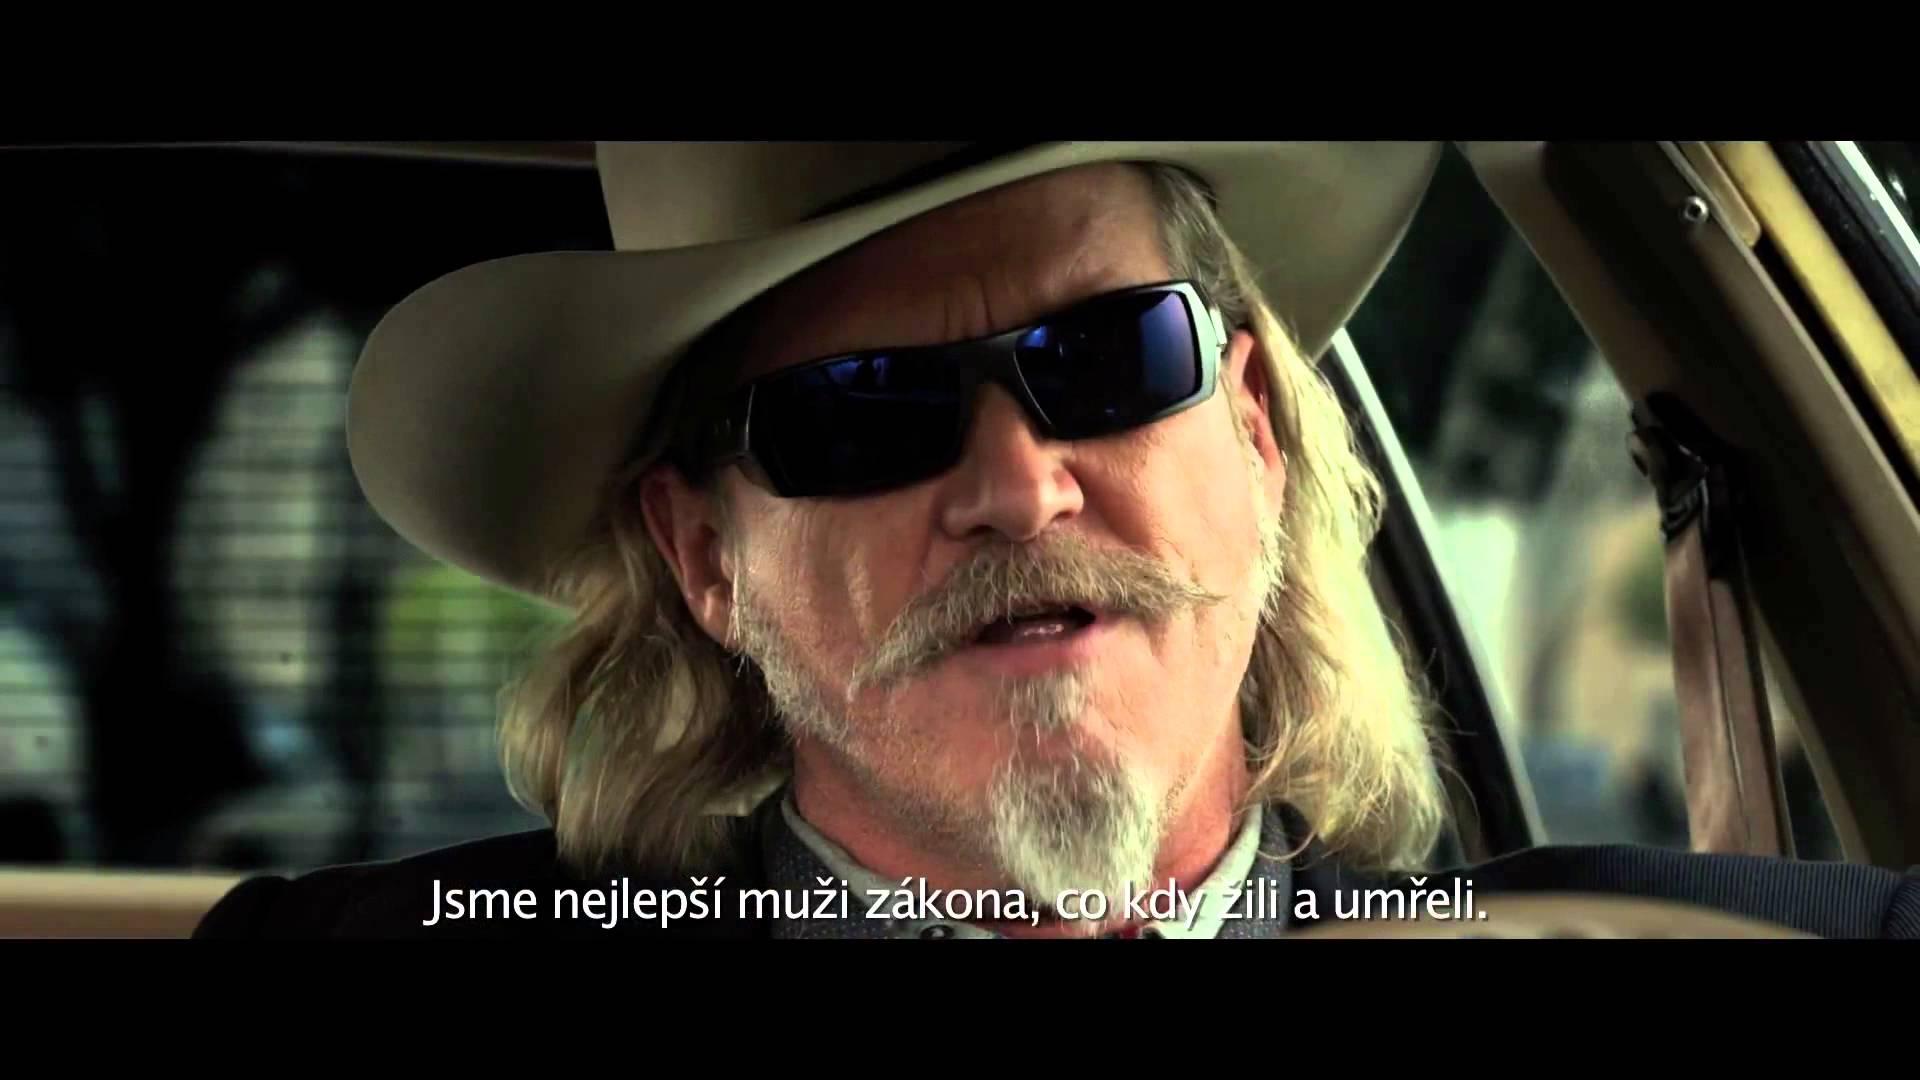 R.I.P.D.-URNA: Útvar Rozhodně Neživých Agentů (2013) CZ trailer